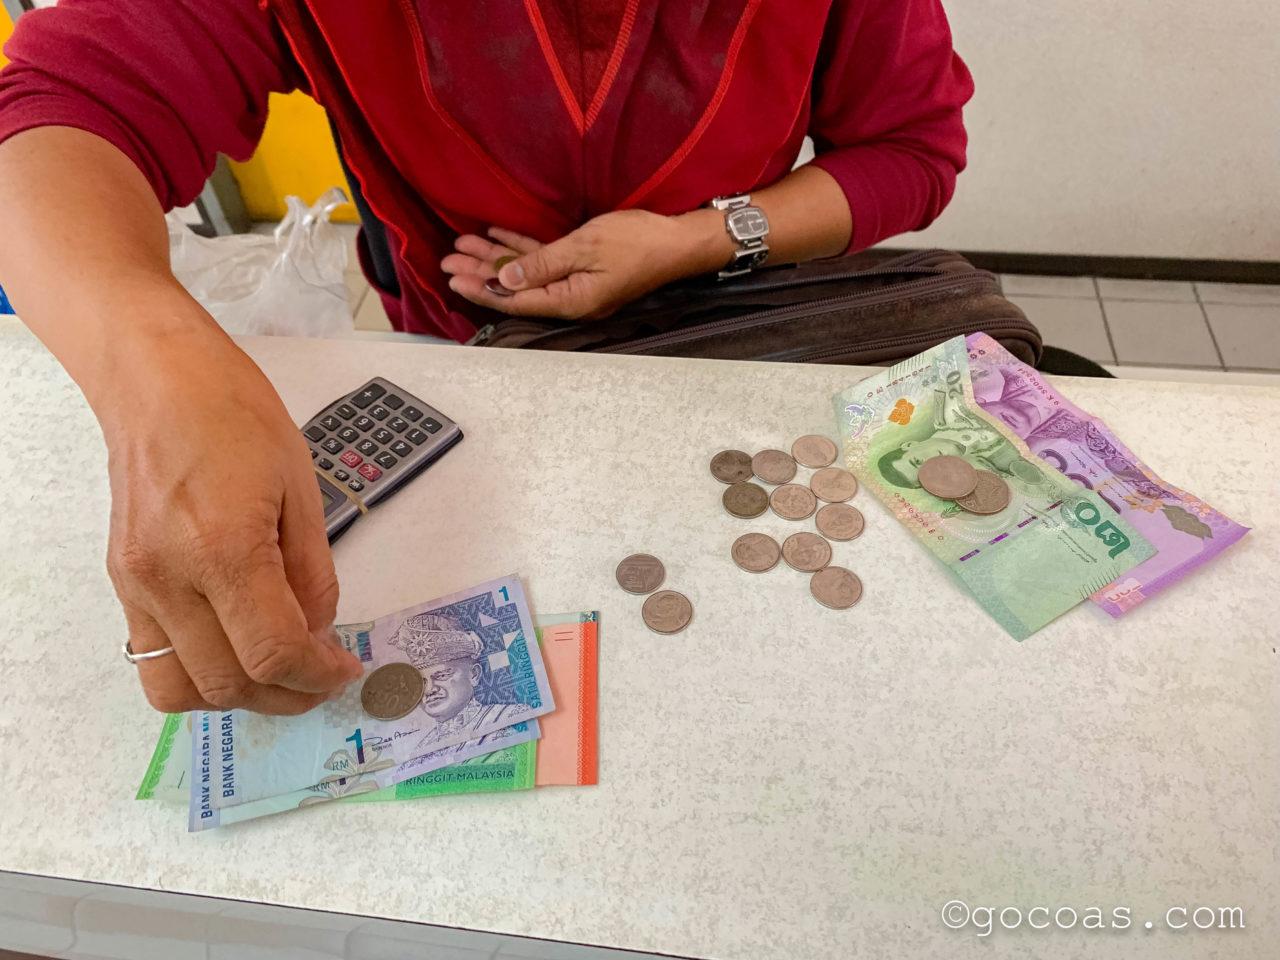 Padang Besar駅のイミグレーションの両替所